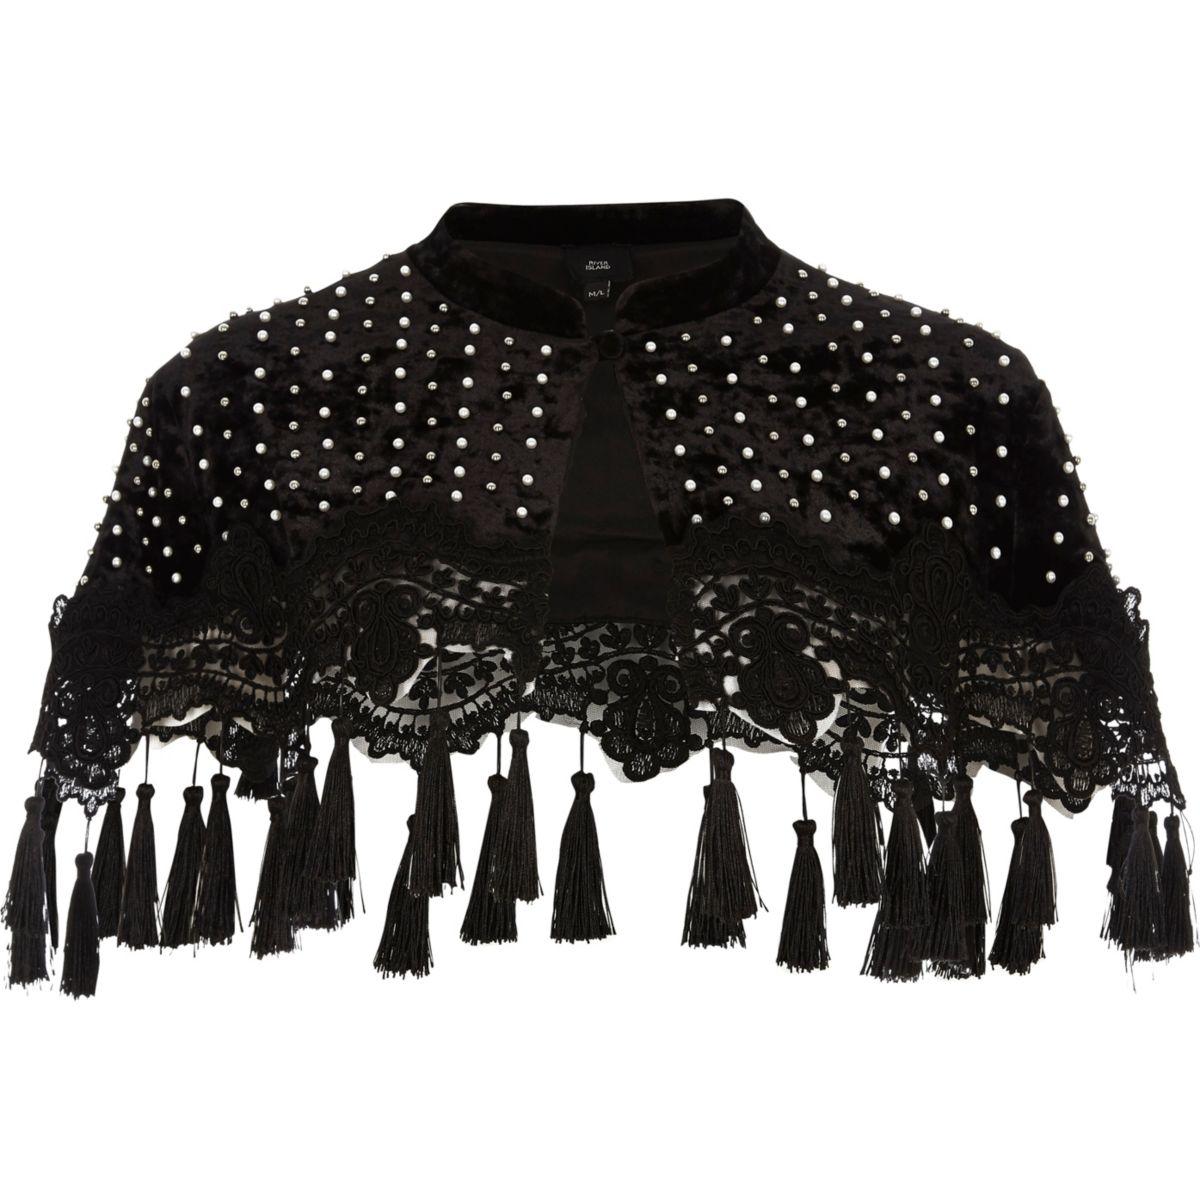 Cape en velours noire ornée de perles et de pampilles